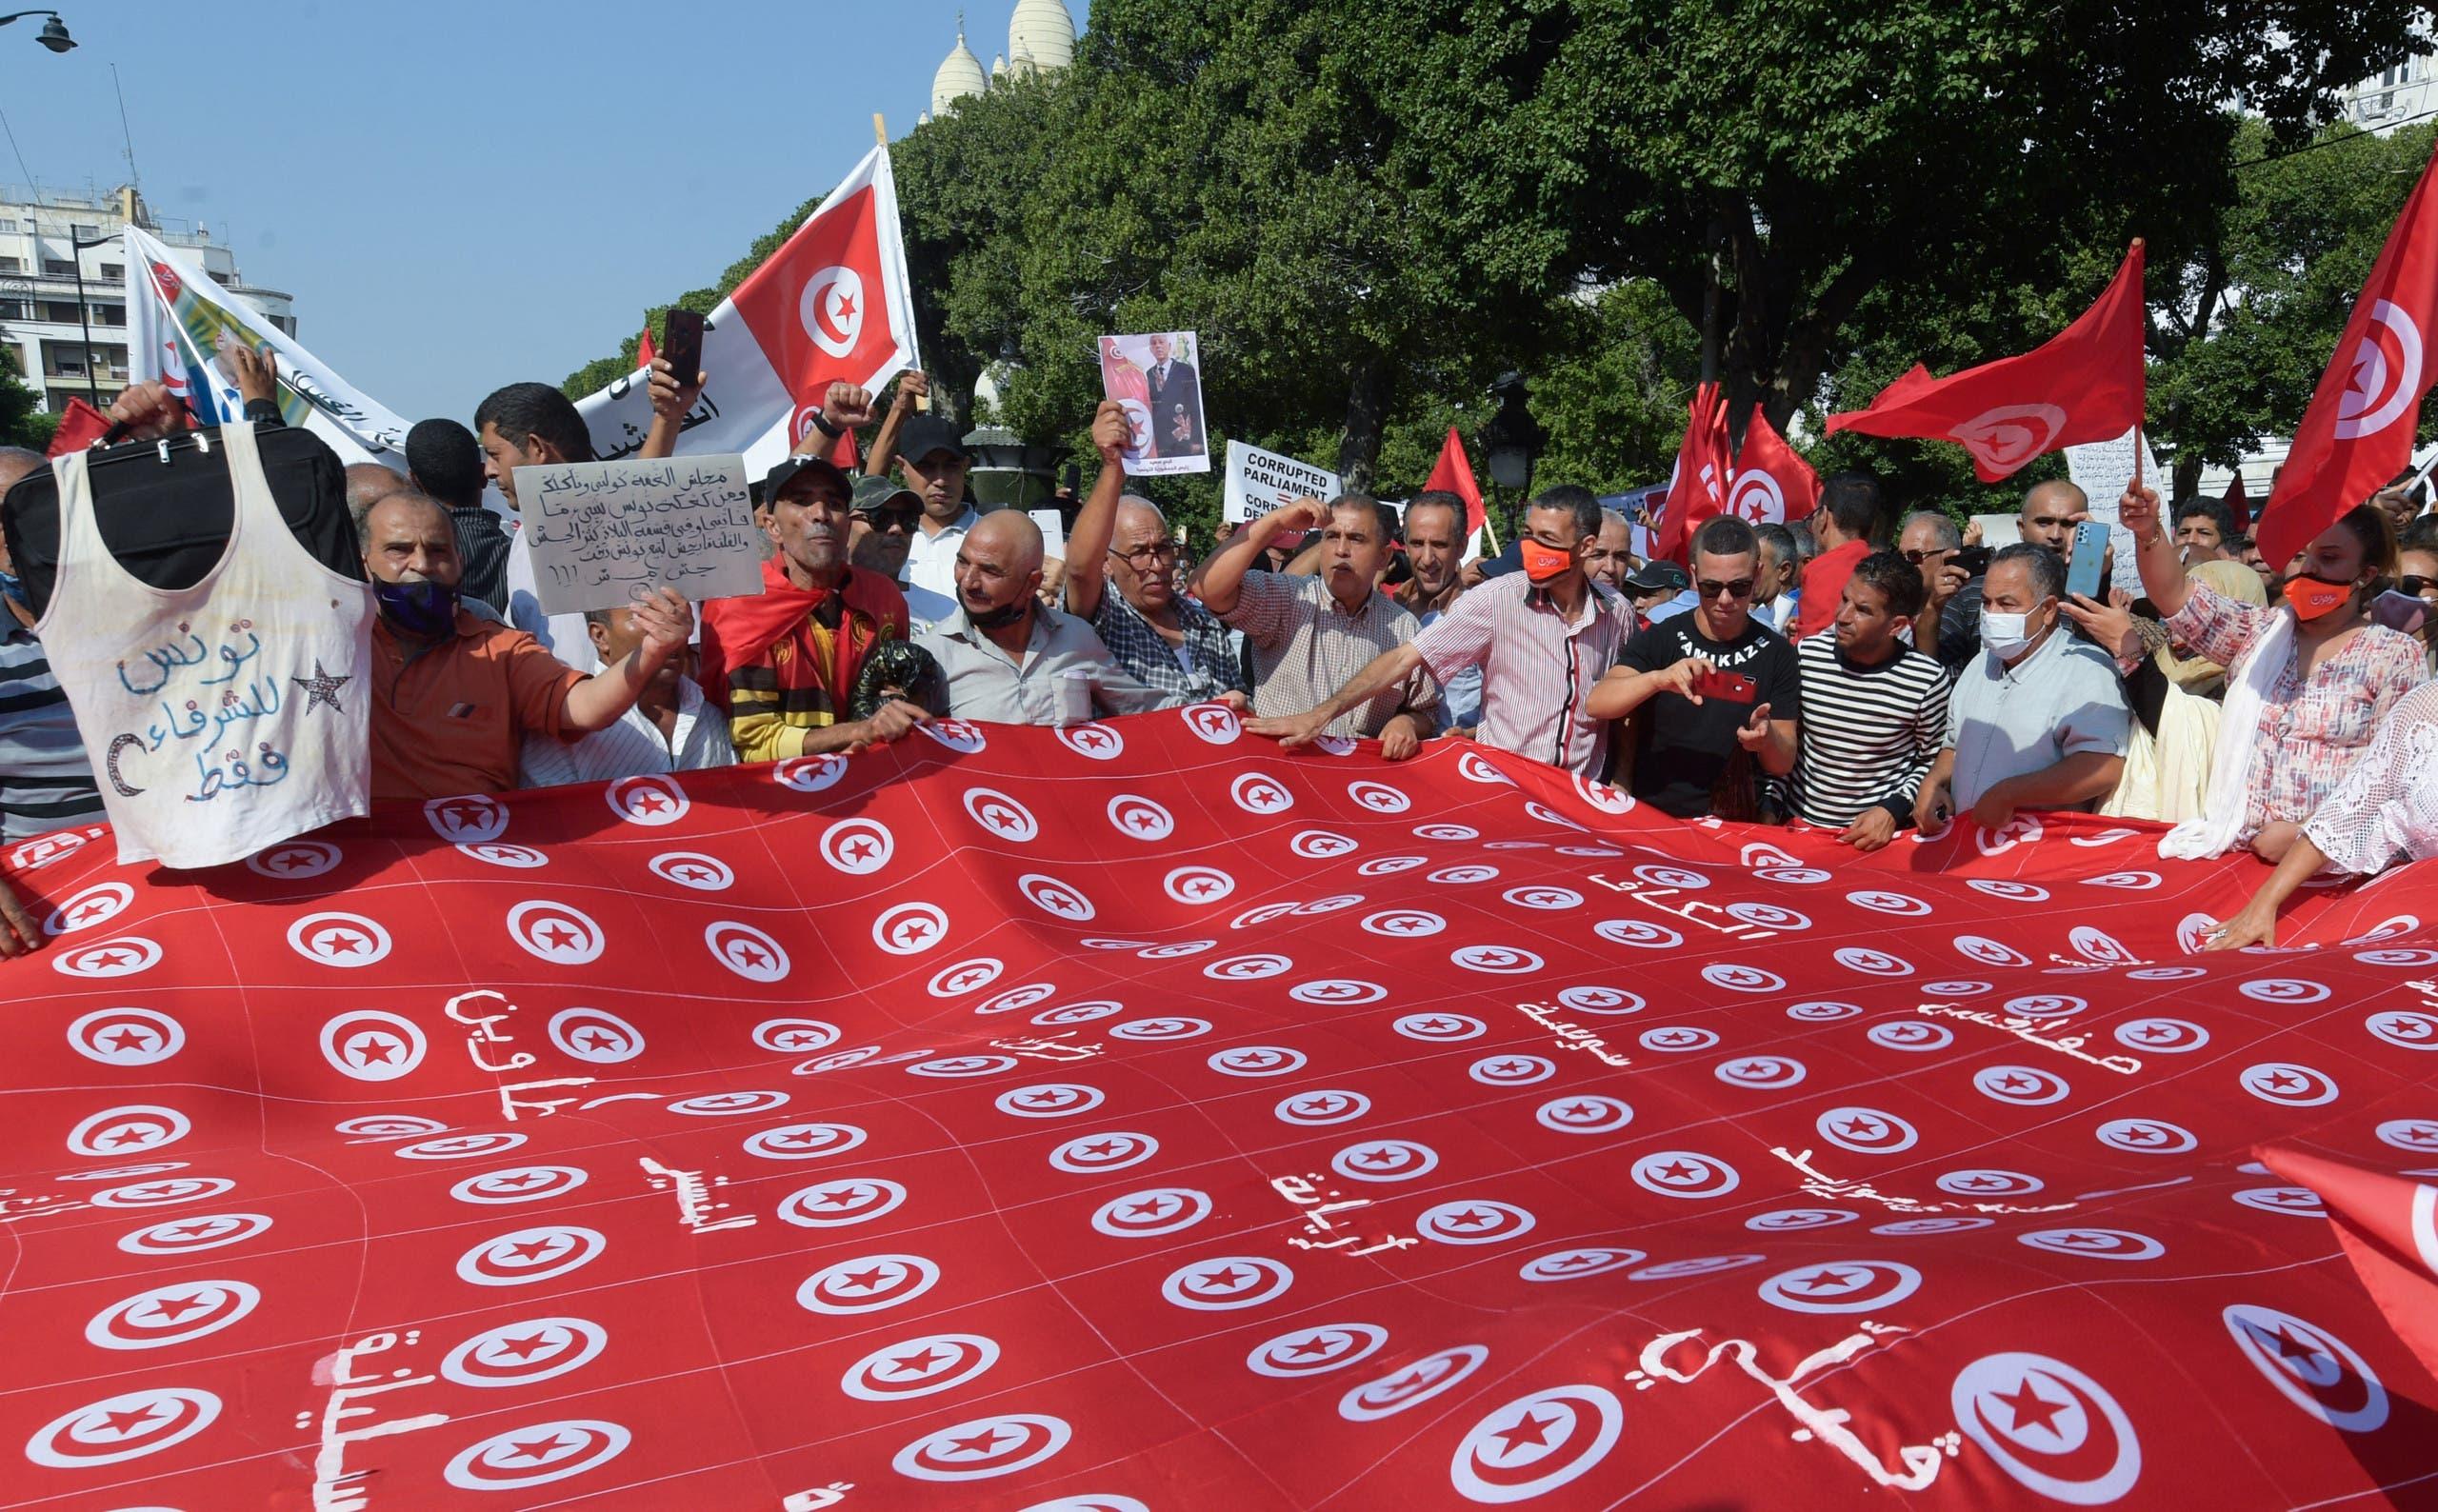 مظاهرة مؤيدة لقرارات قيس سعيد في تونس الأسبوع الماضي